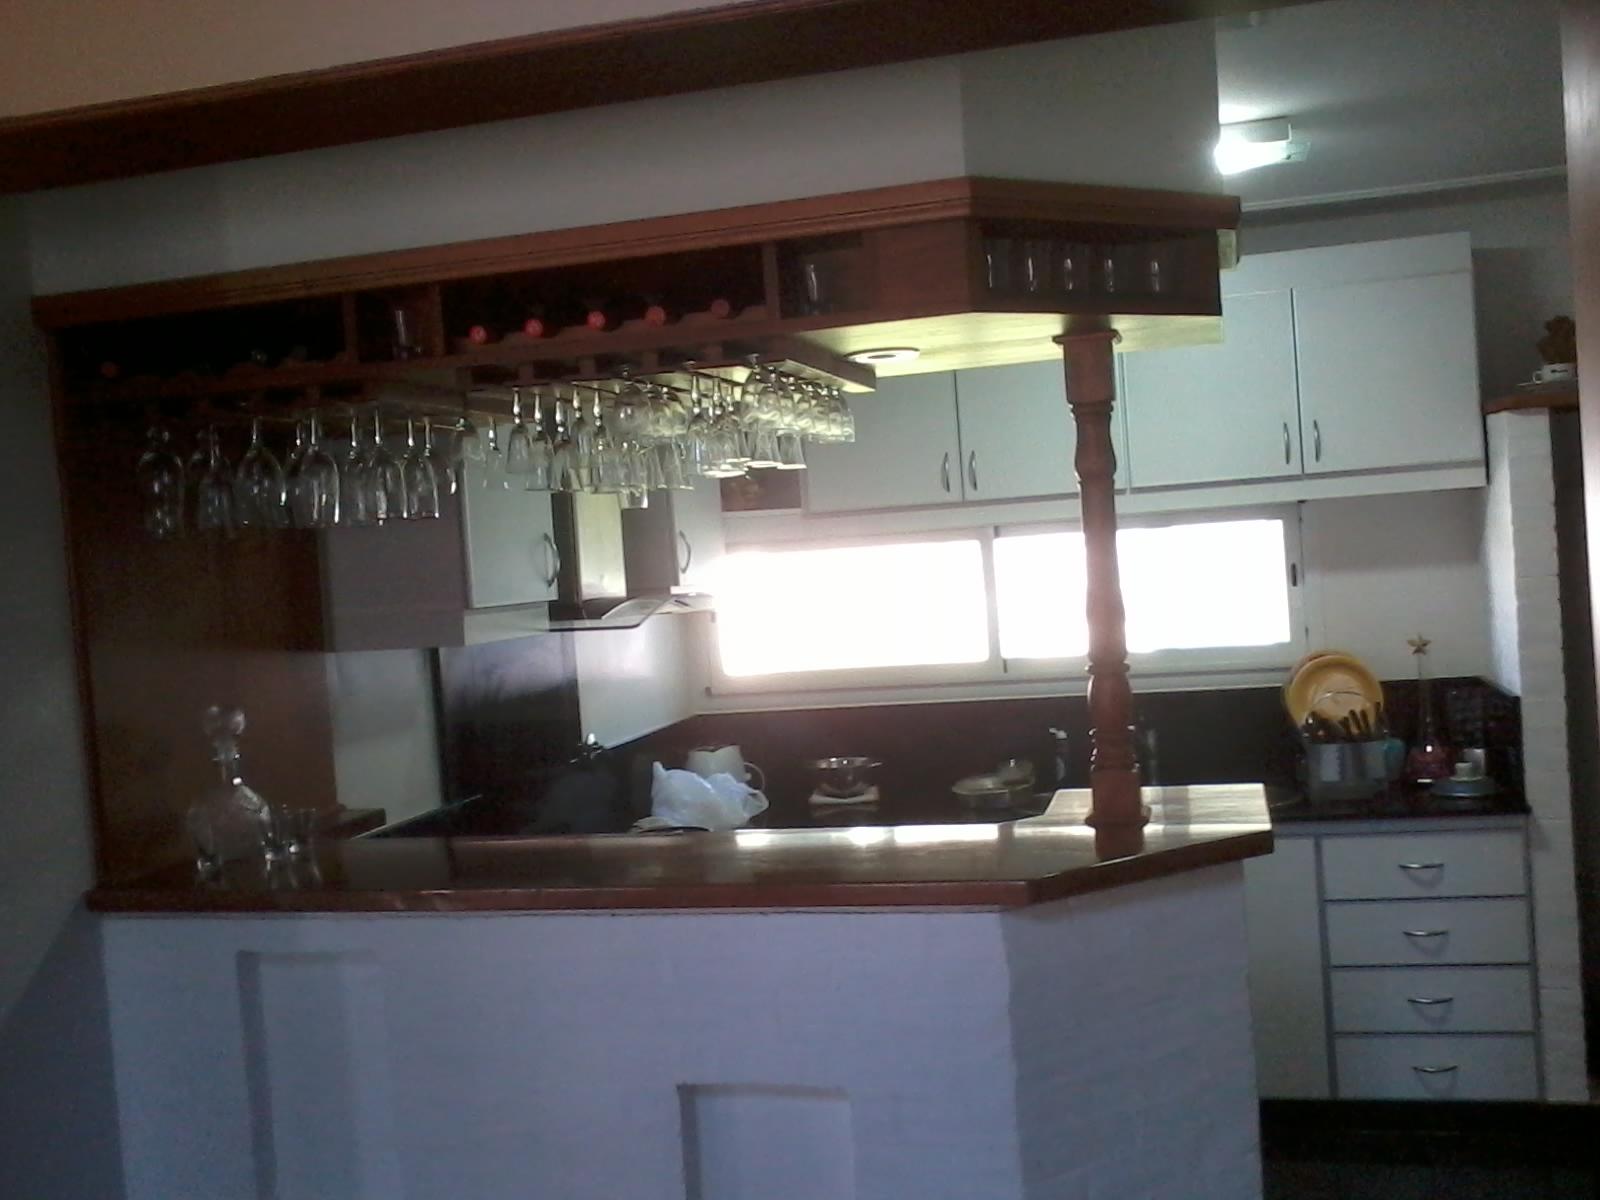 carpinteria los tres amigos mueble de cocina con barra